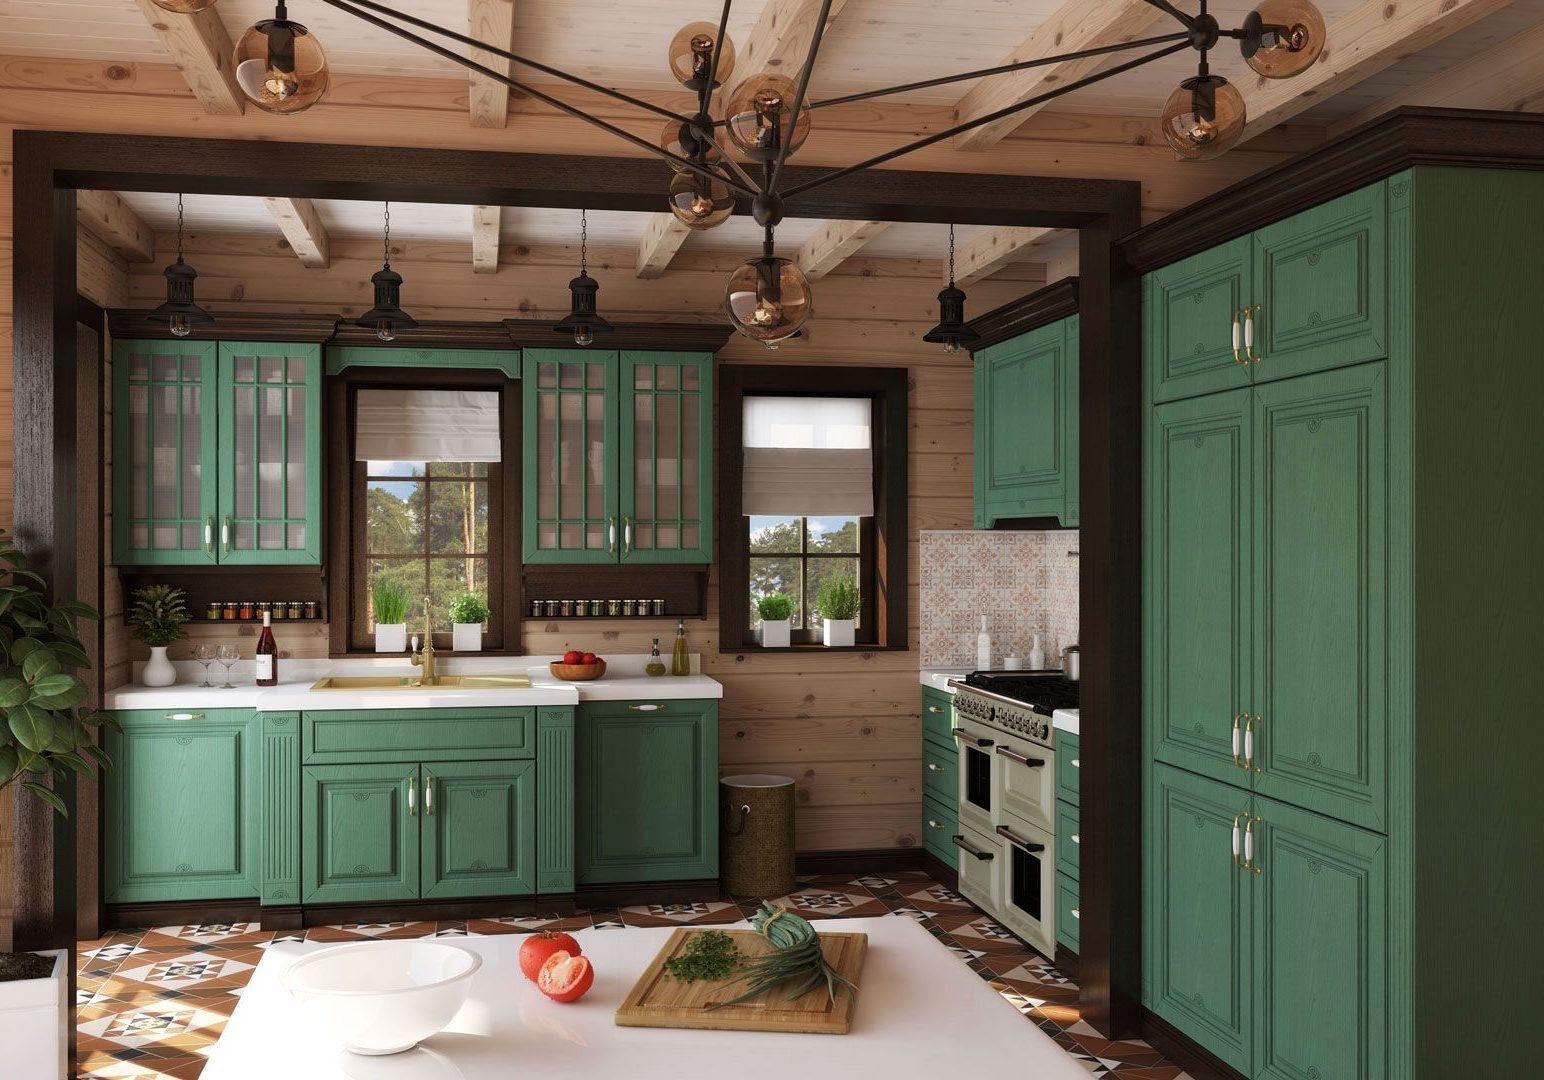 Большая кухня зеленого цвета в стиле модерн, также подходит к стилю кантри